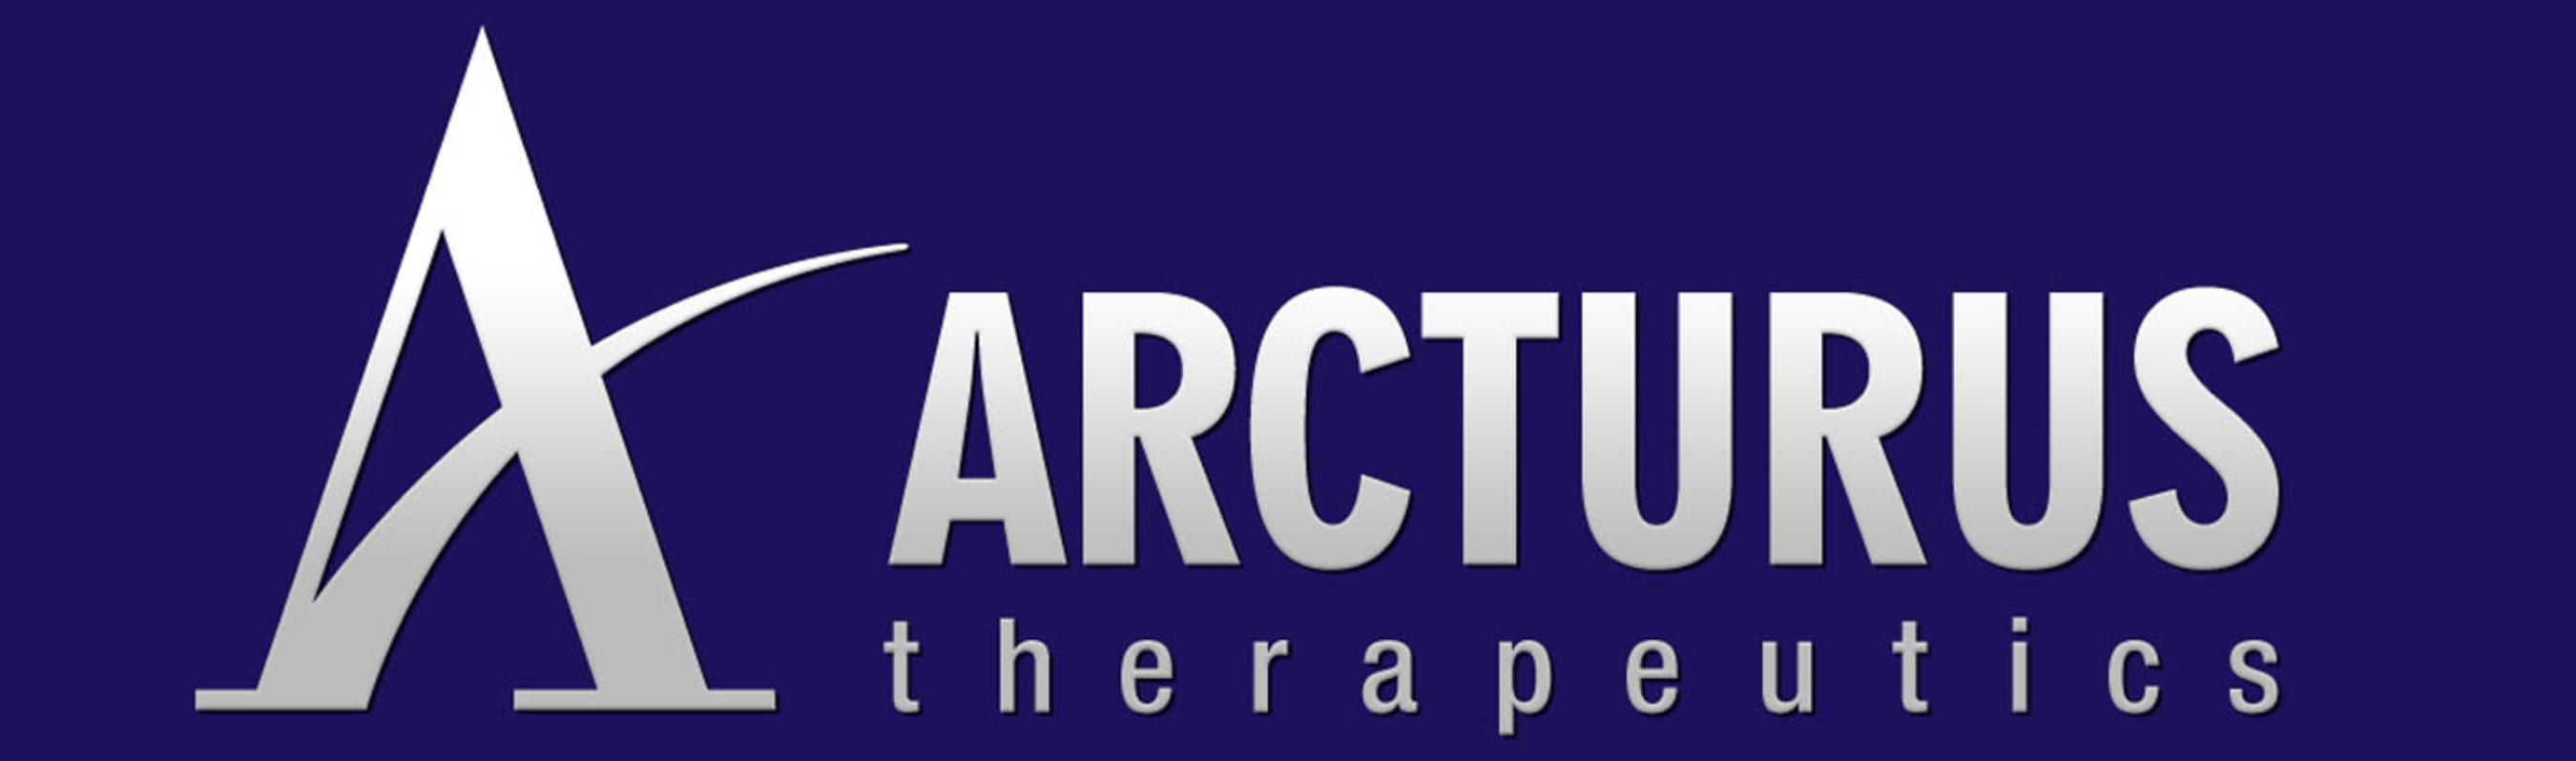 Arcturus Therapeutics Logo.